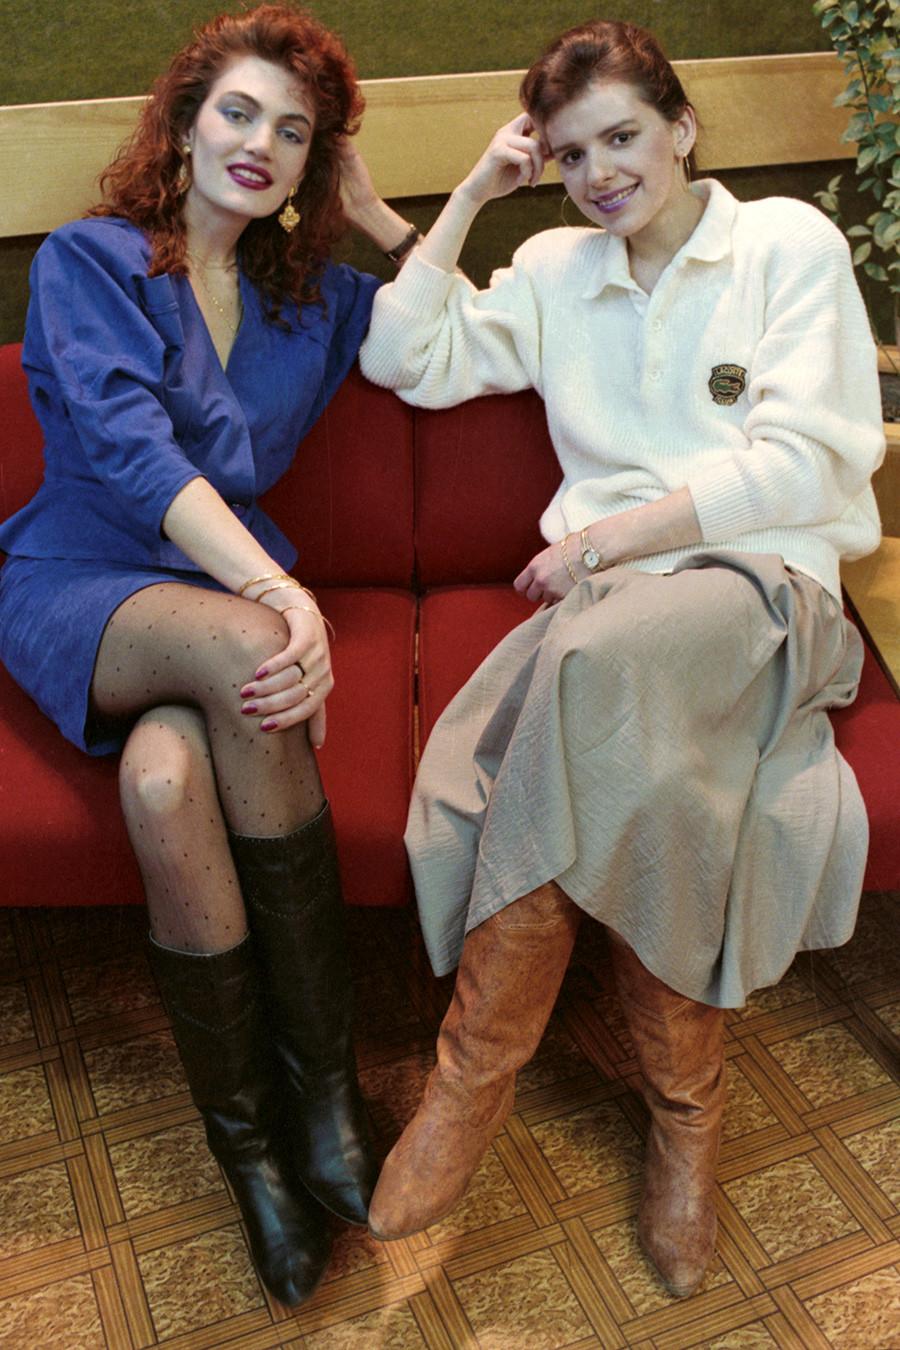 Olga Schneibel dan Elena Alimova, direktur dan manajer agensi model Matrena.